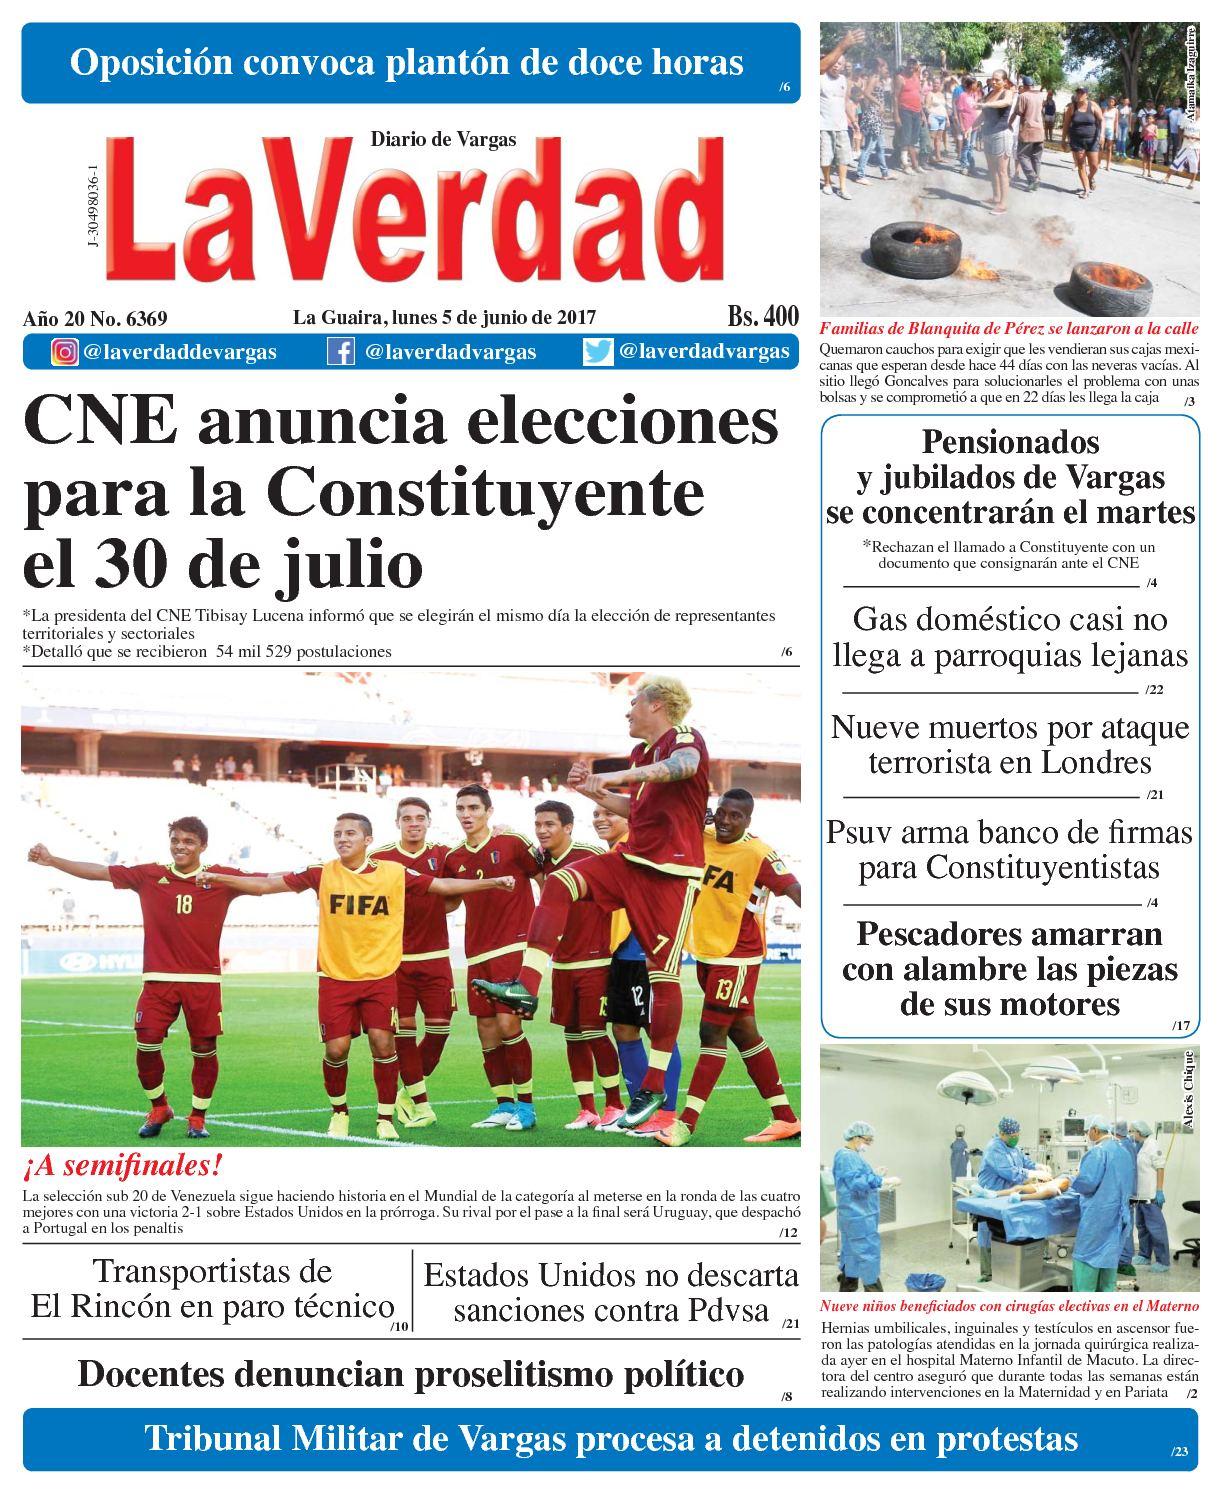 La Guaira, lunes 5 de junio de 2017 Año 20 No. 6369